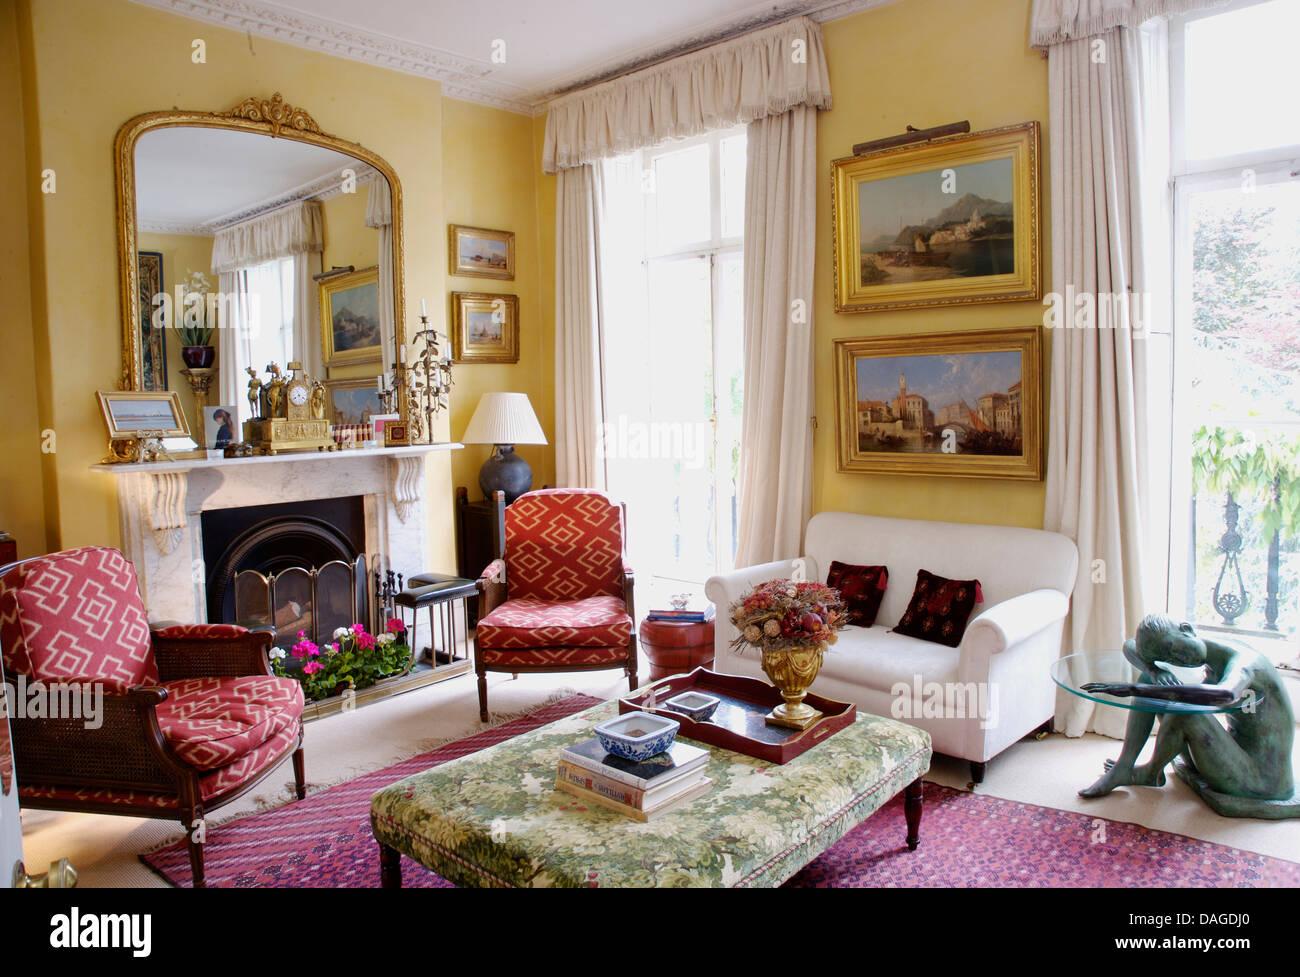 Grandi antichi dorato specchio sopra il camino in casa di for Salotto con camino arredamento